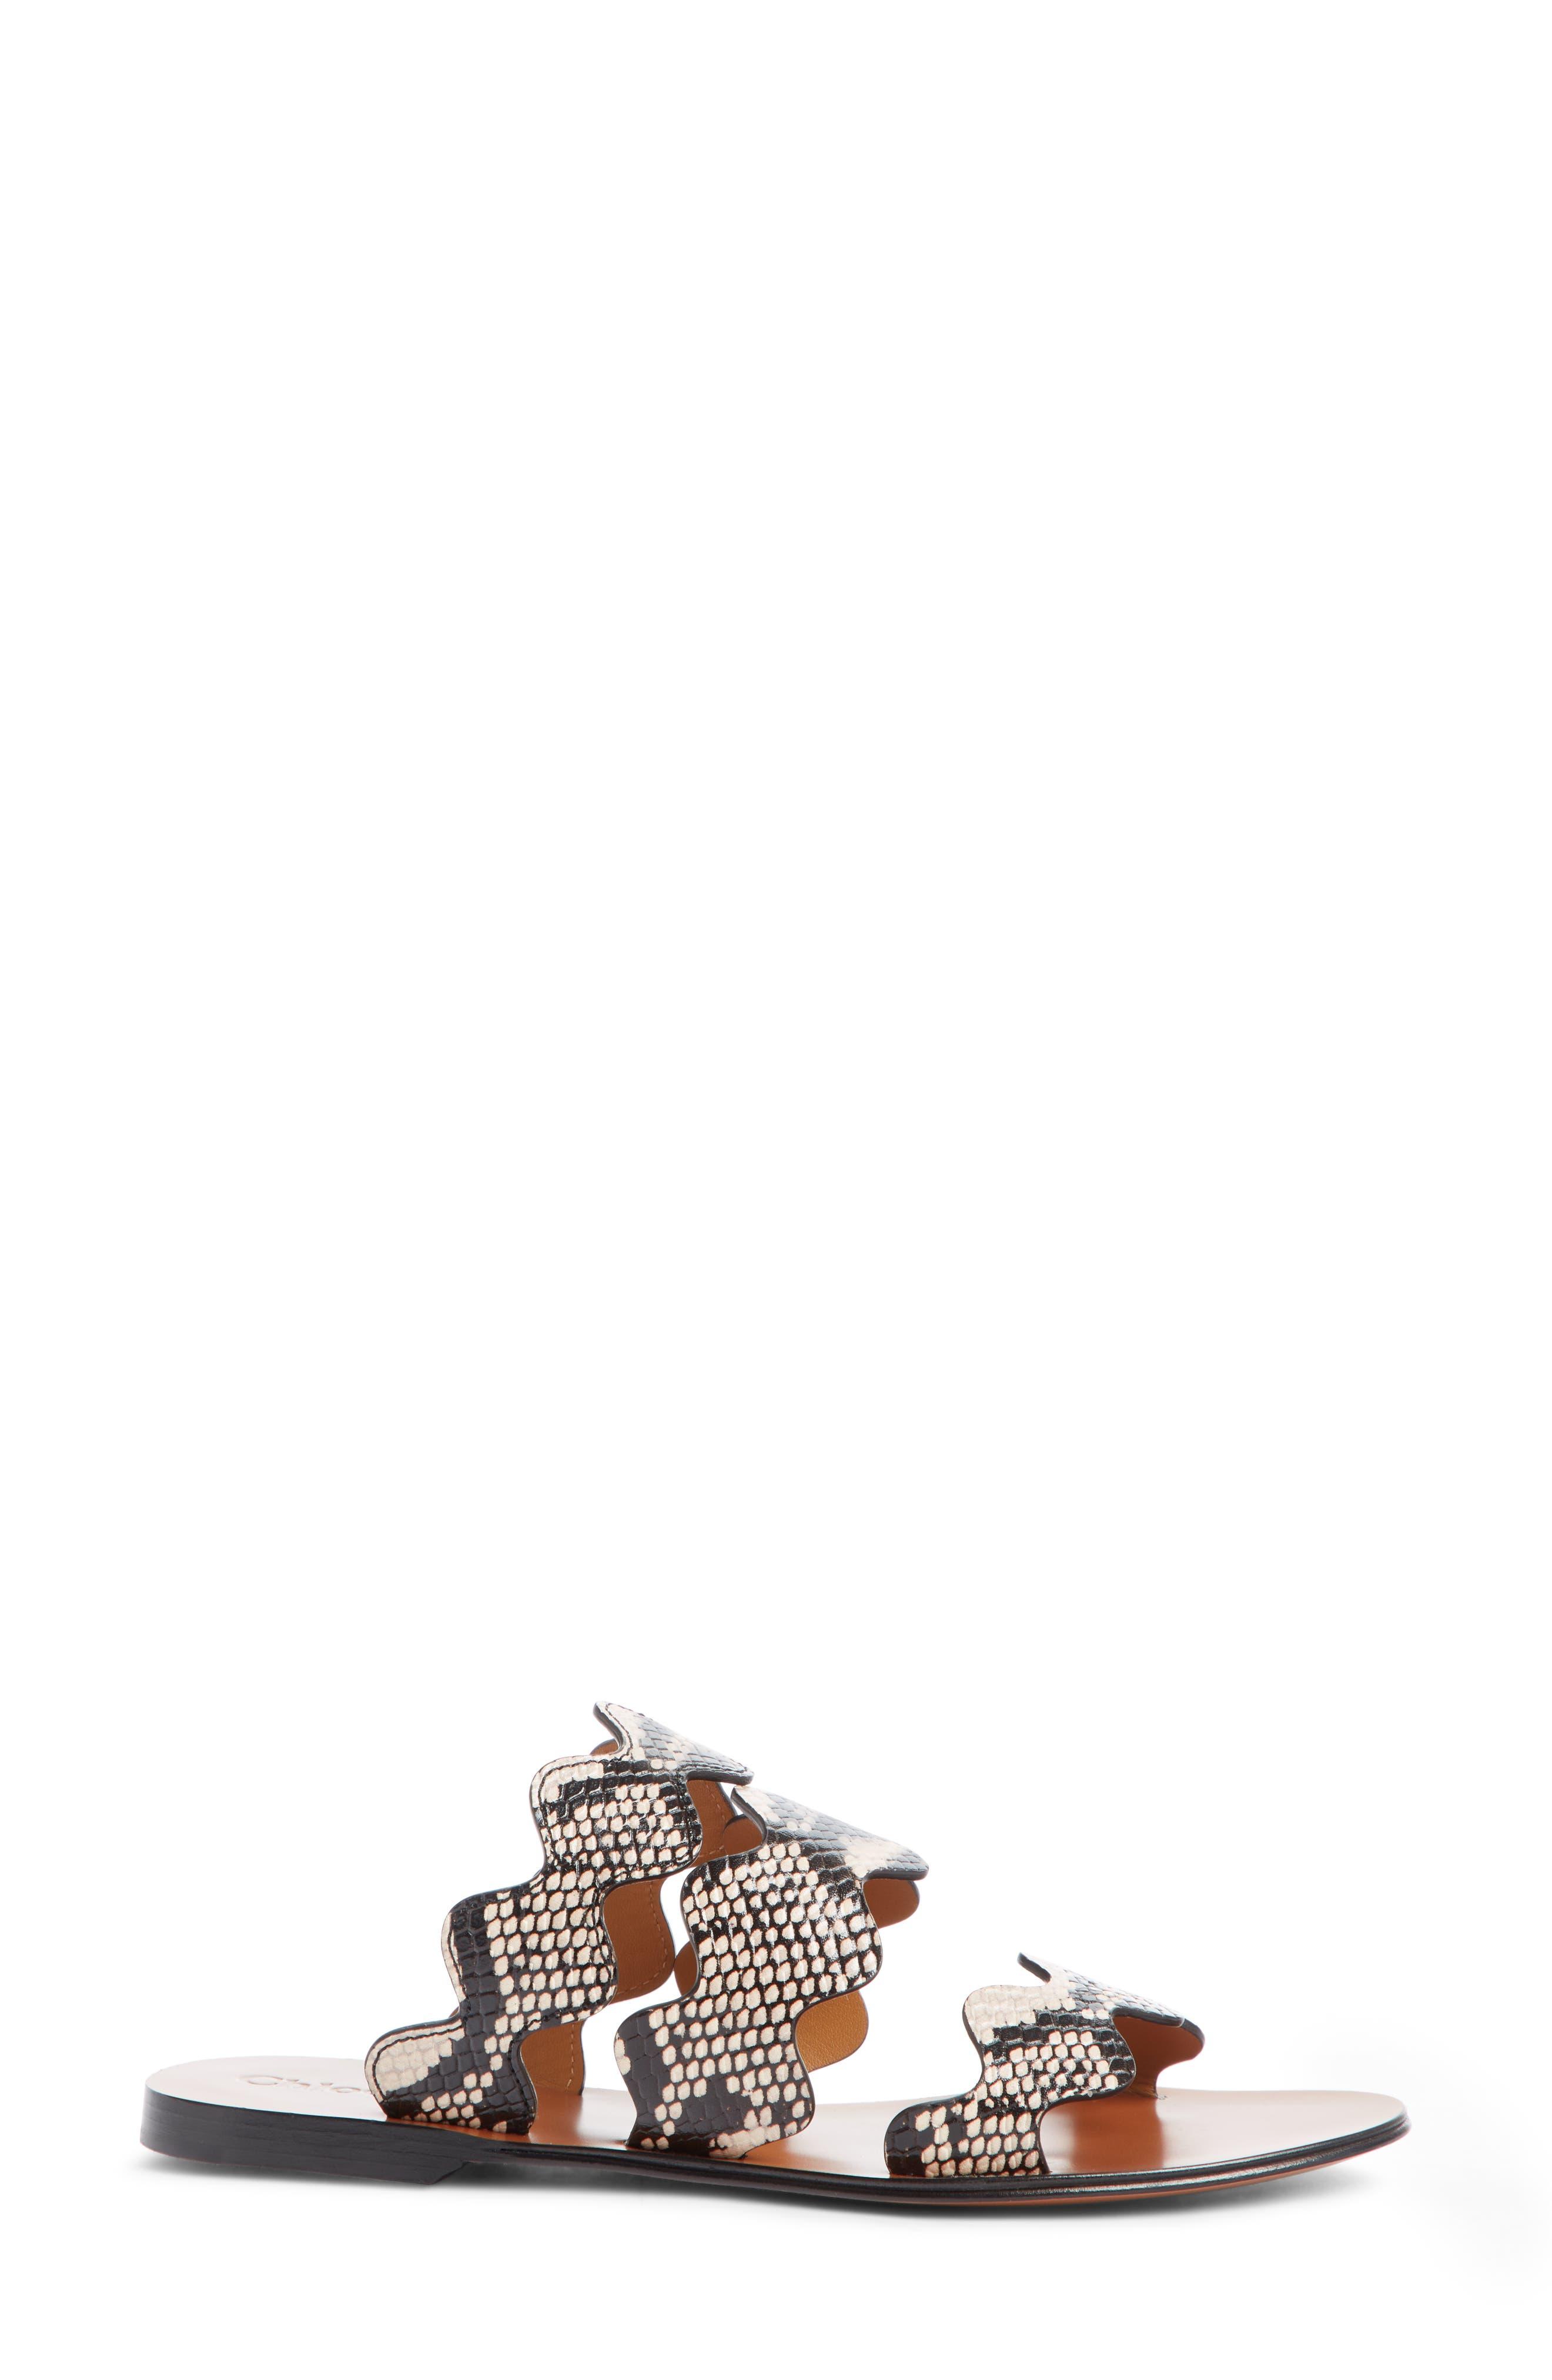 Lauren Scalloped Slide Sandal,                             Alternate thumbnail 3, color,                             ETERNAL GREY LEATHER